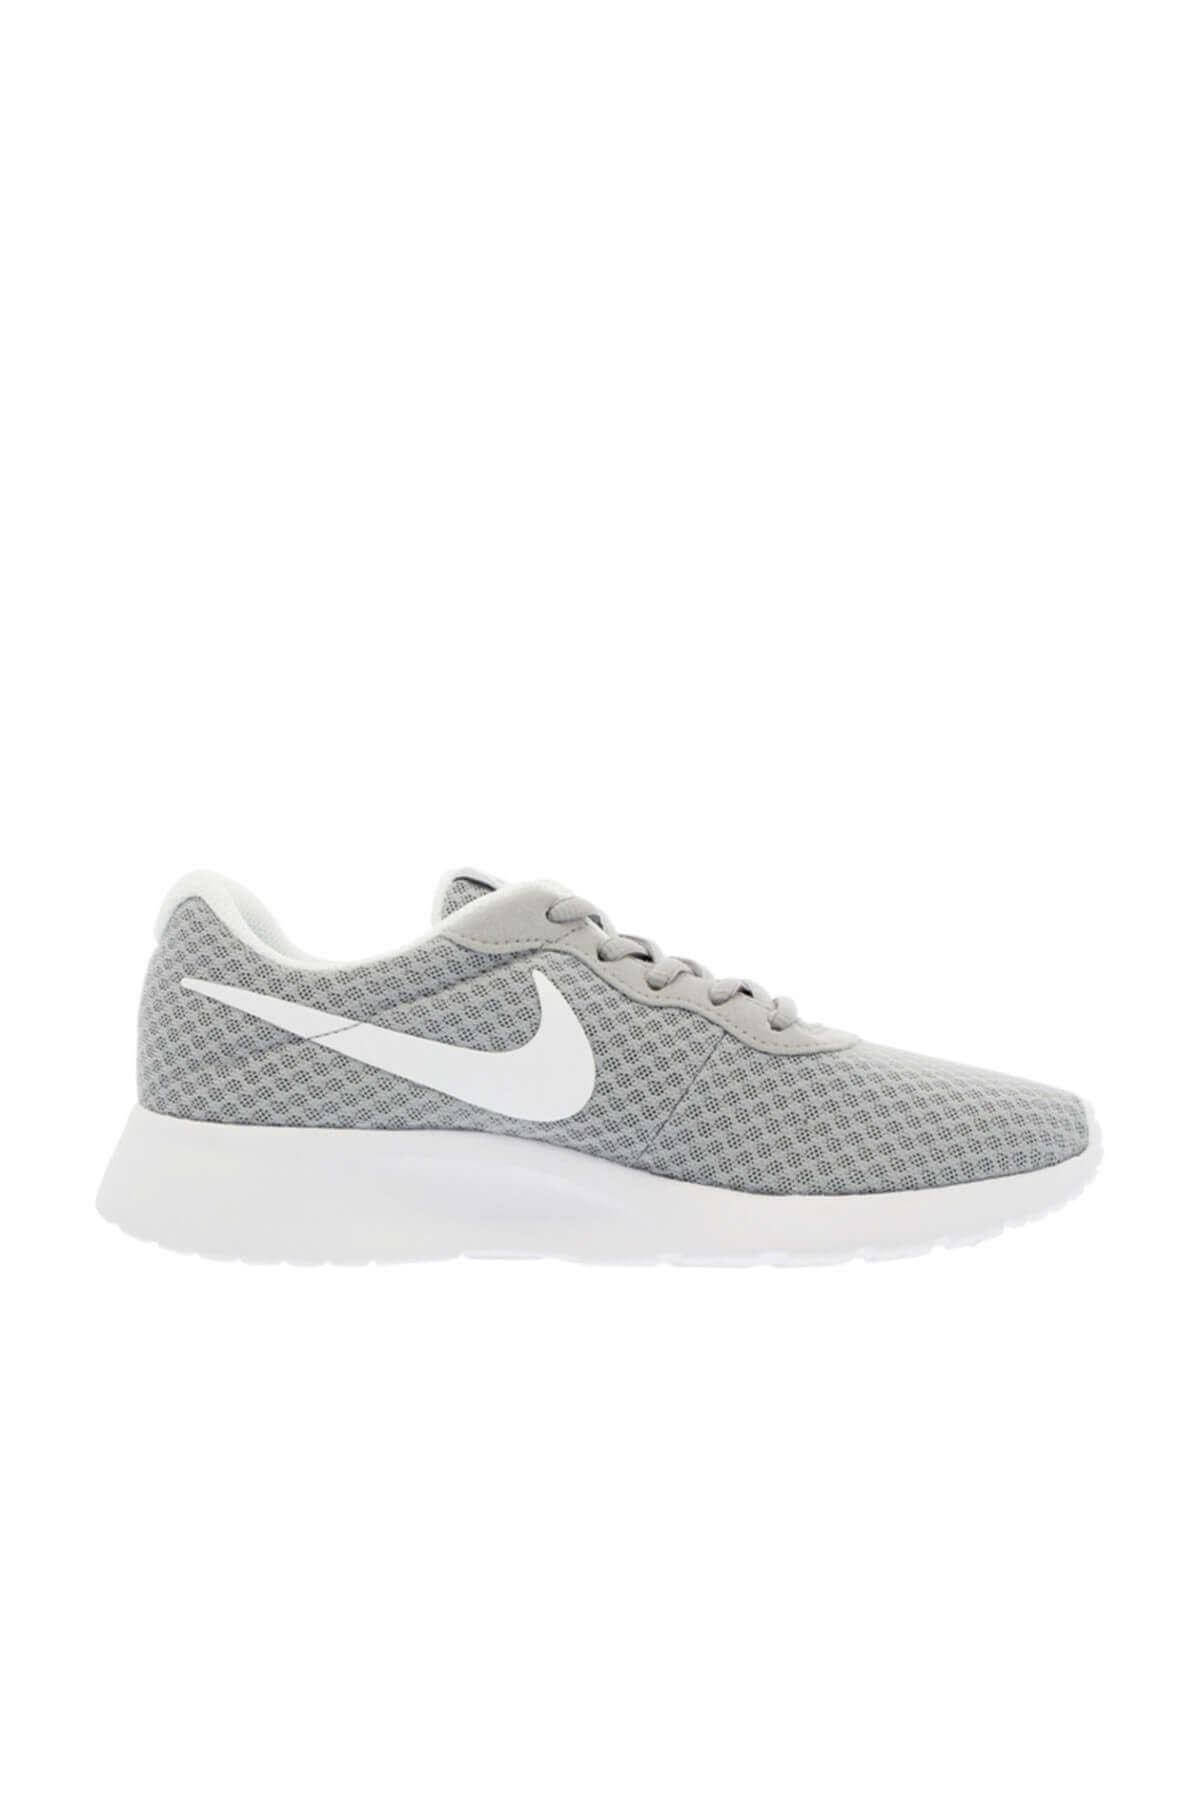 Nike Kadın Spor Ayakkabı - Tanjun Kadın Spor Ayakkabı - 812655-010 1